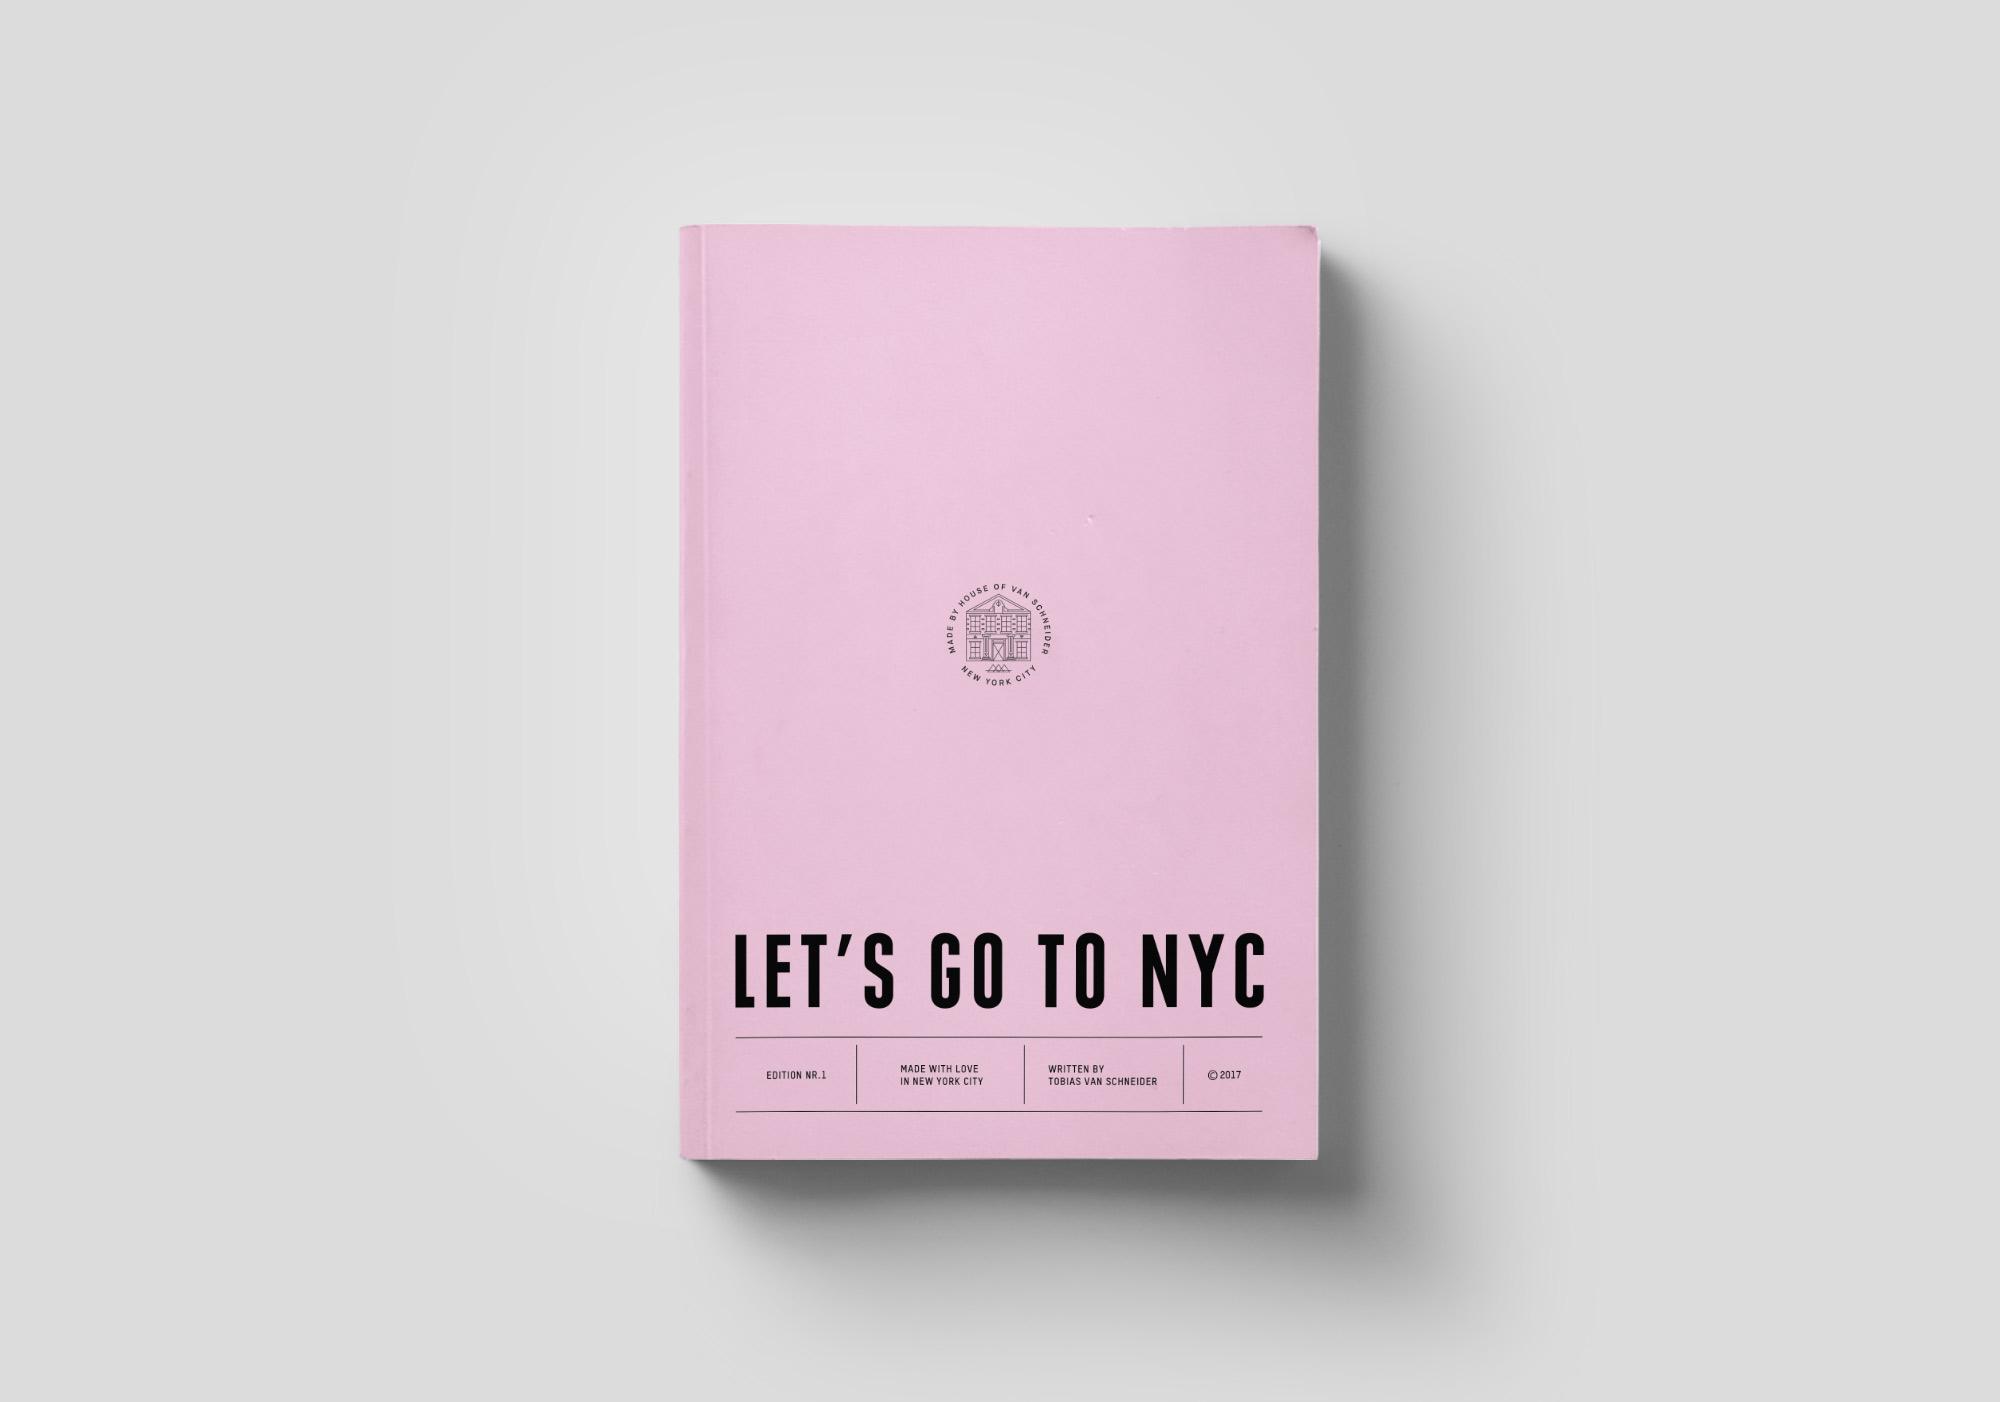 NYC_2